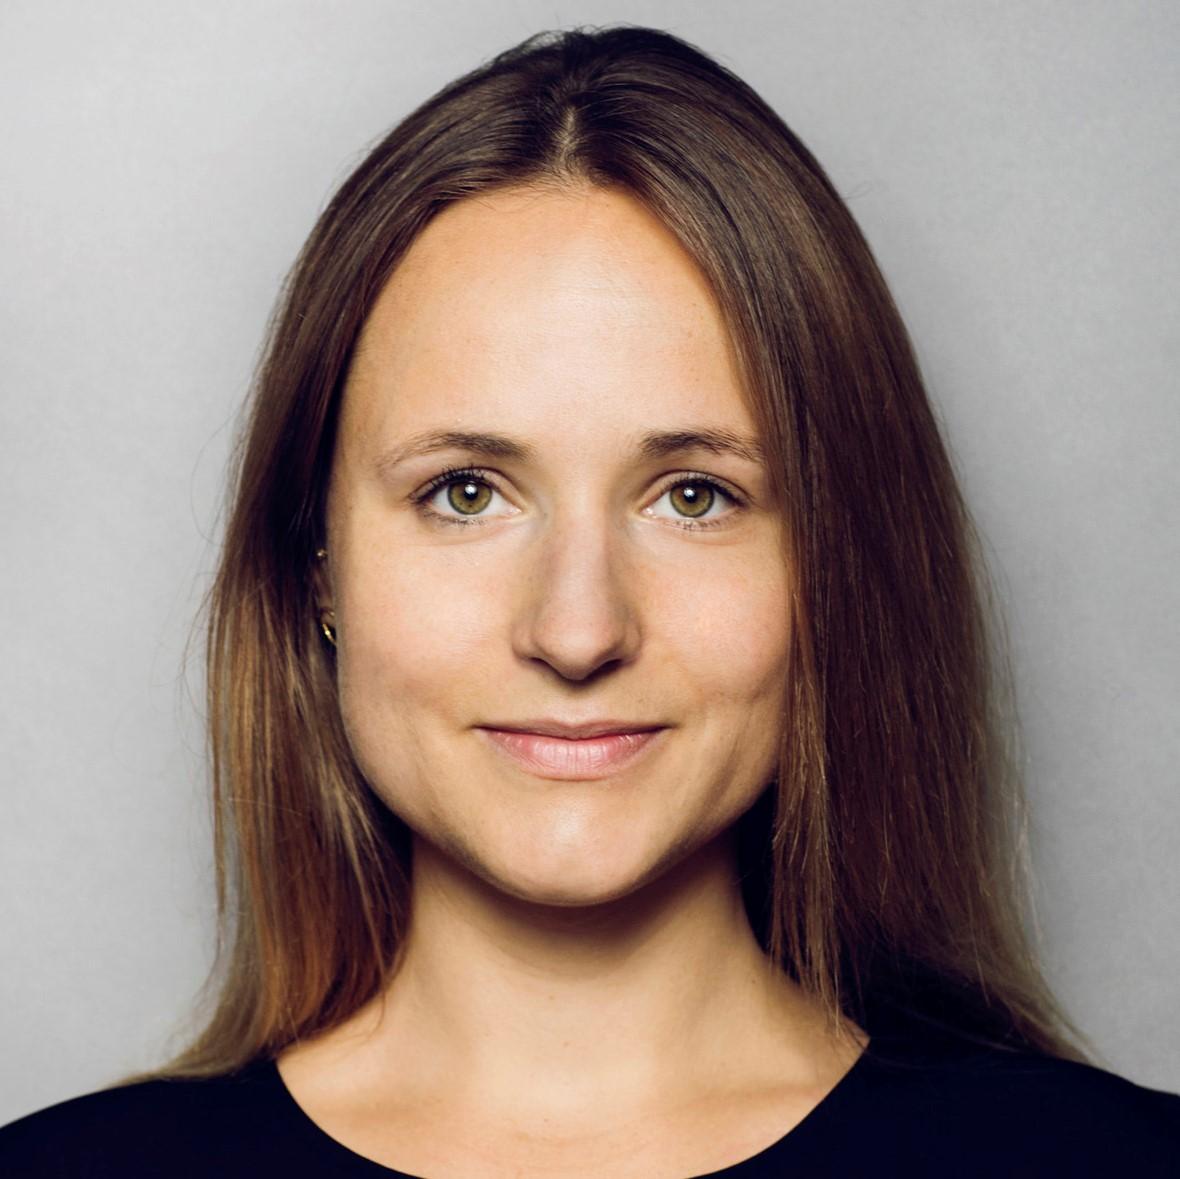 Franziska von Plocki